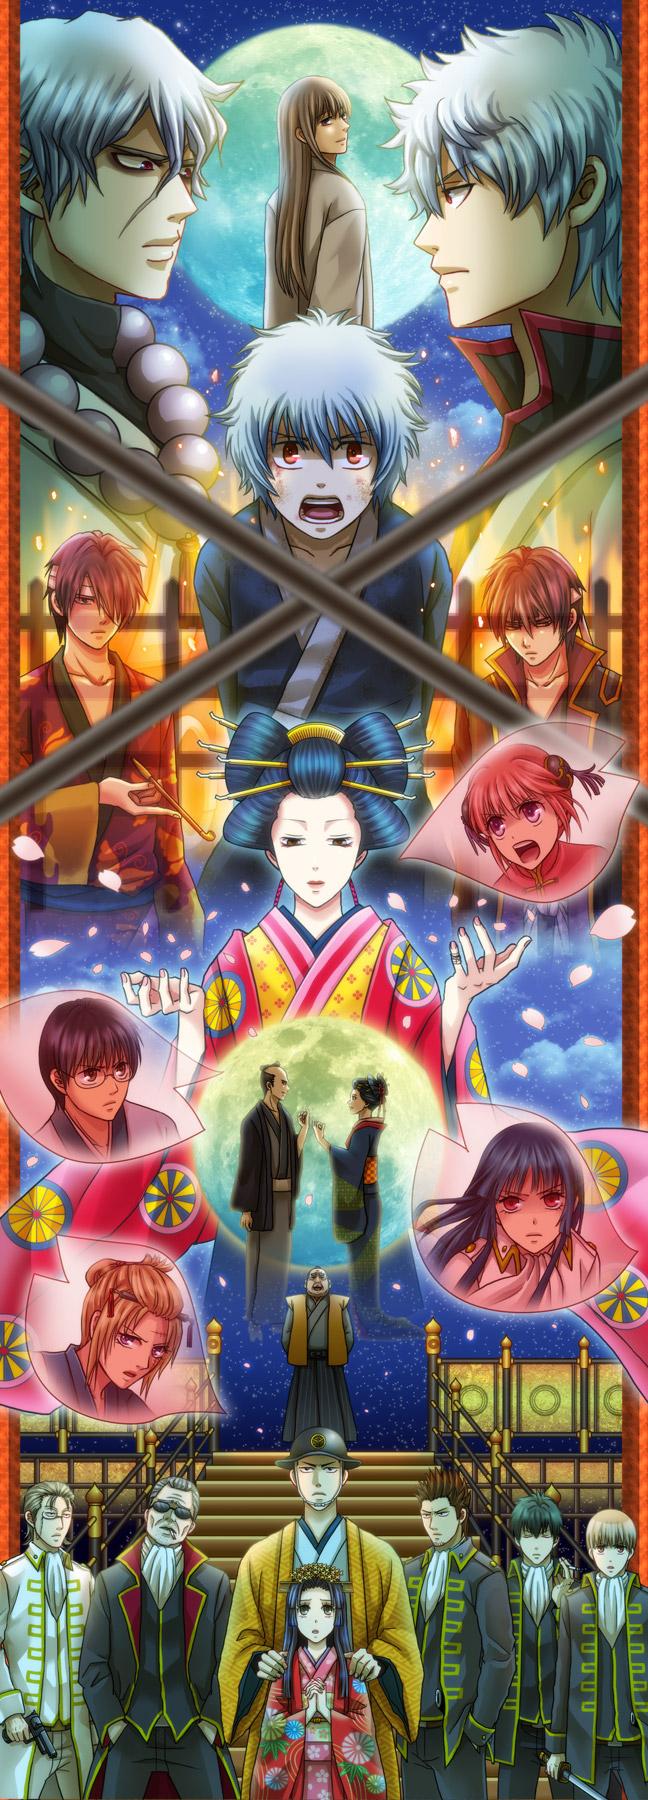 Tags: Anime, Eriyama, Gintama, Kondo Isao, Takasugi Shinsuke, Yoshida Shouyou, Suzuran (Gin Tama), Kagura (Gin Tama), Sasaki Isaburo, Sakata Gintoki, Tsukuyo, Shimura Shinpachi, Tokugawa Shige Shige, Silver Soul